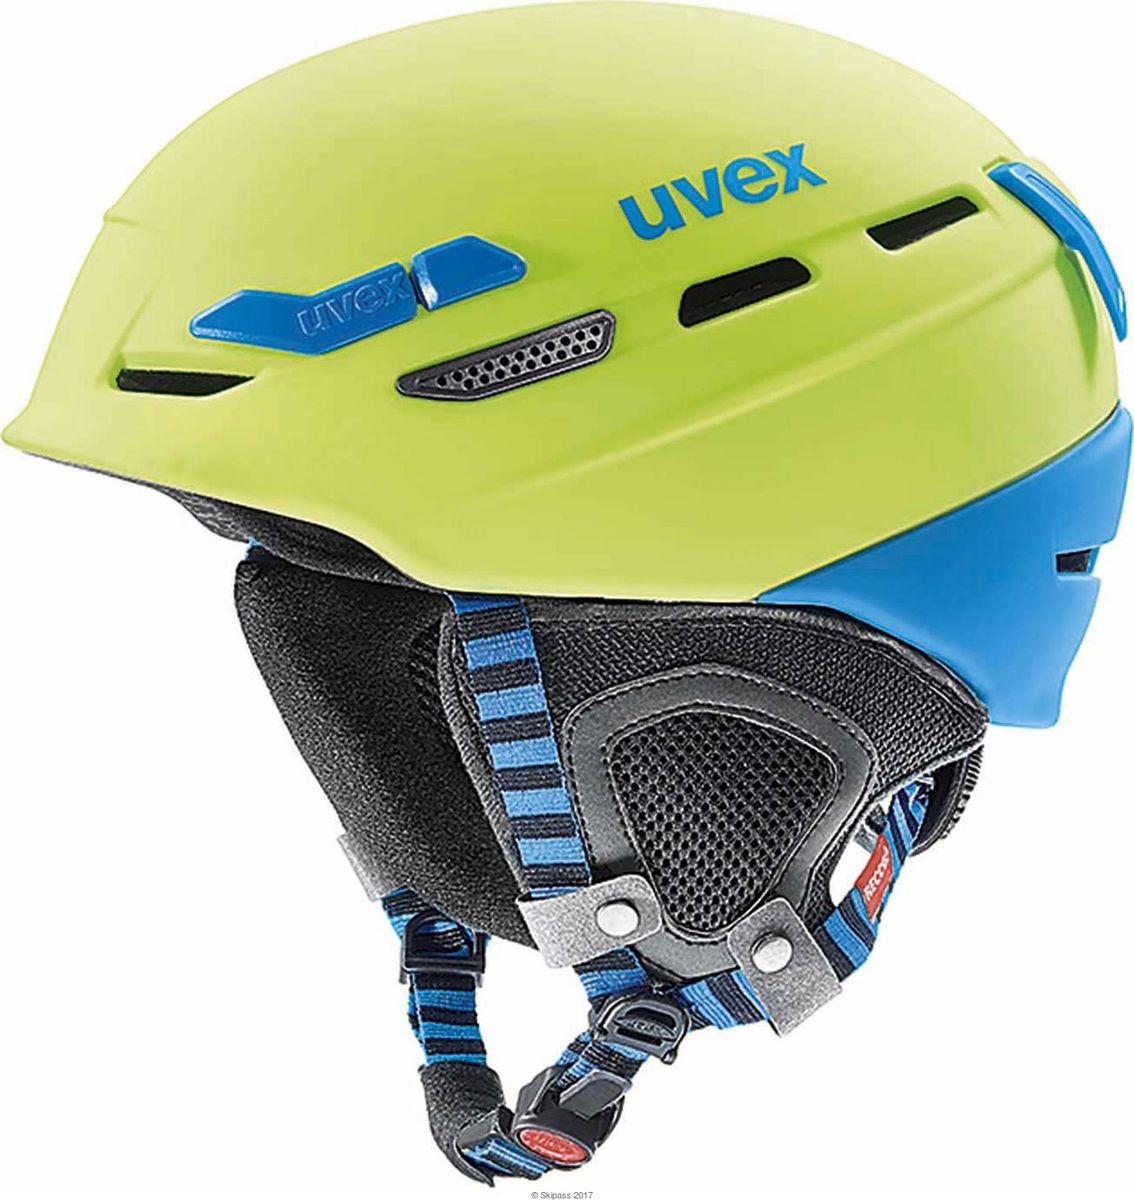 Шлем горнолыжный Uvex P.8000 tour Helmet, цвет: лайм, синий матовый. Размер M/L шлем горнолыжный salomon helmet brigade audio grey forest gr размер l 58 59